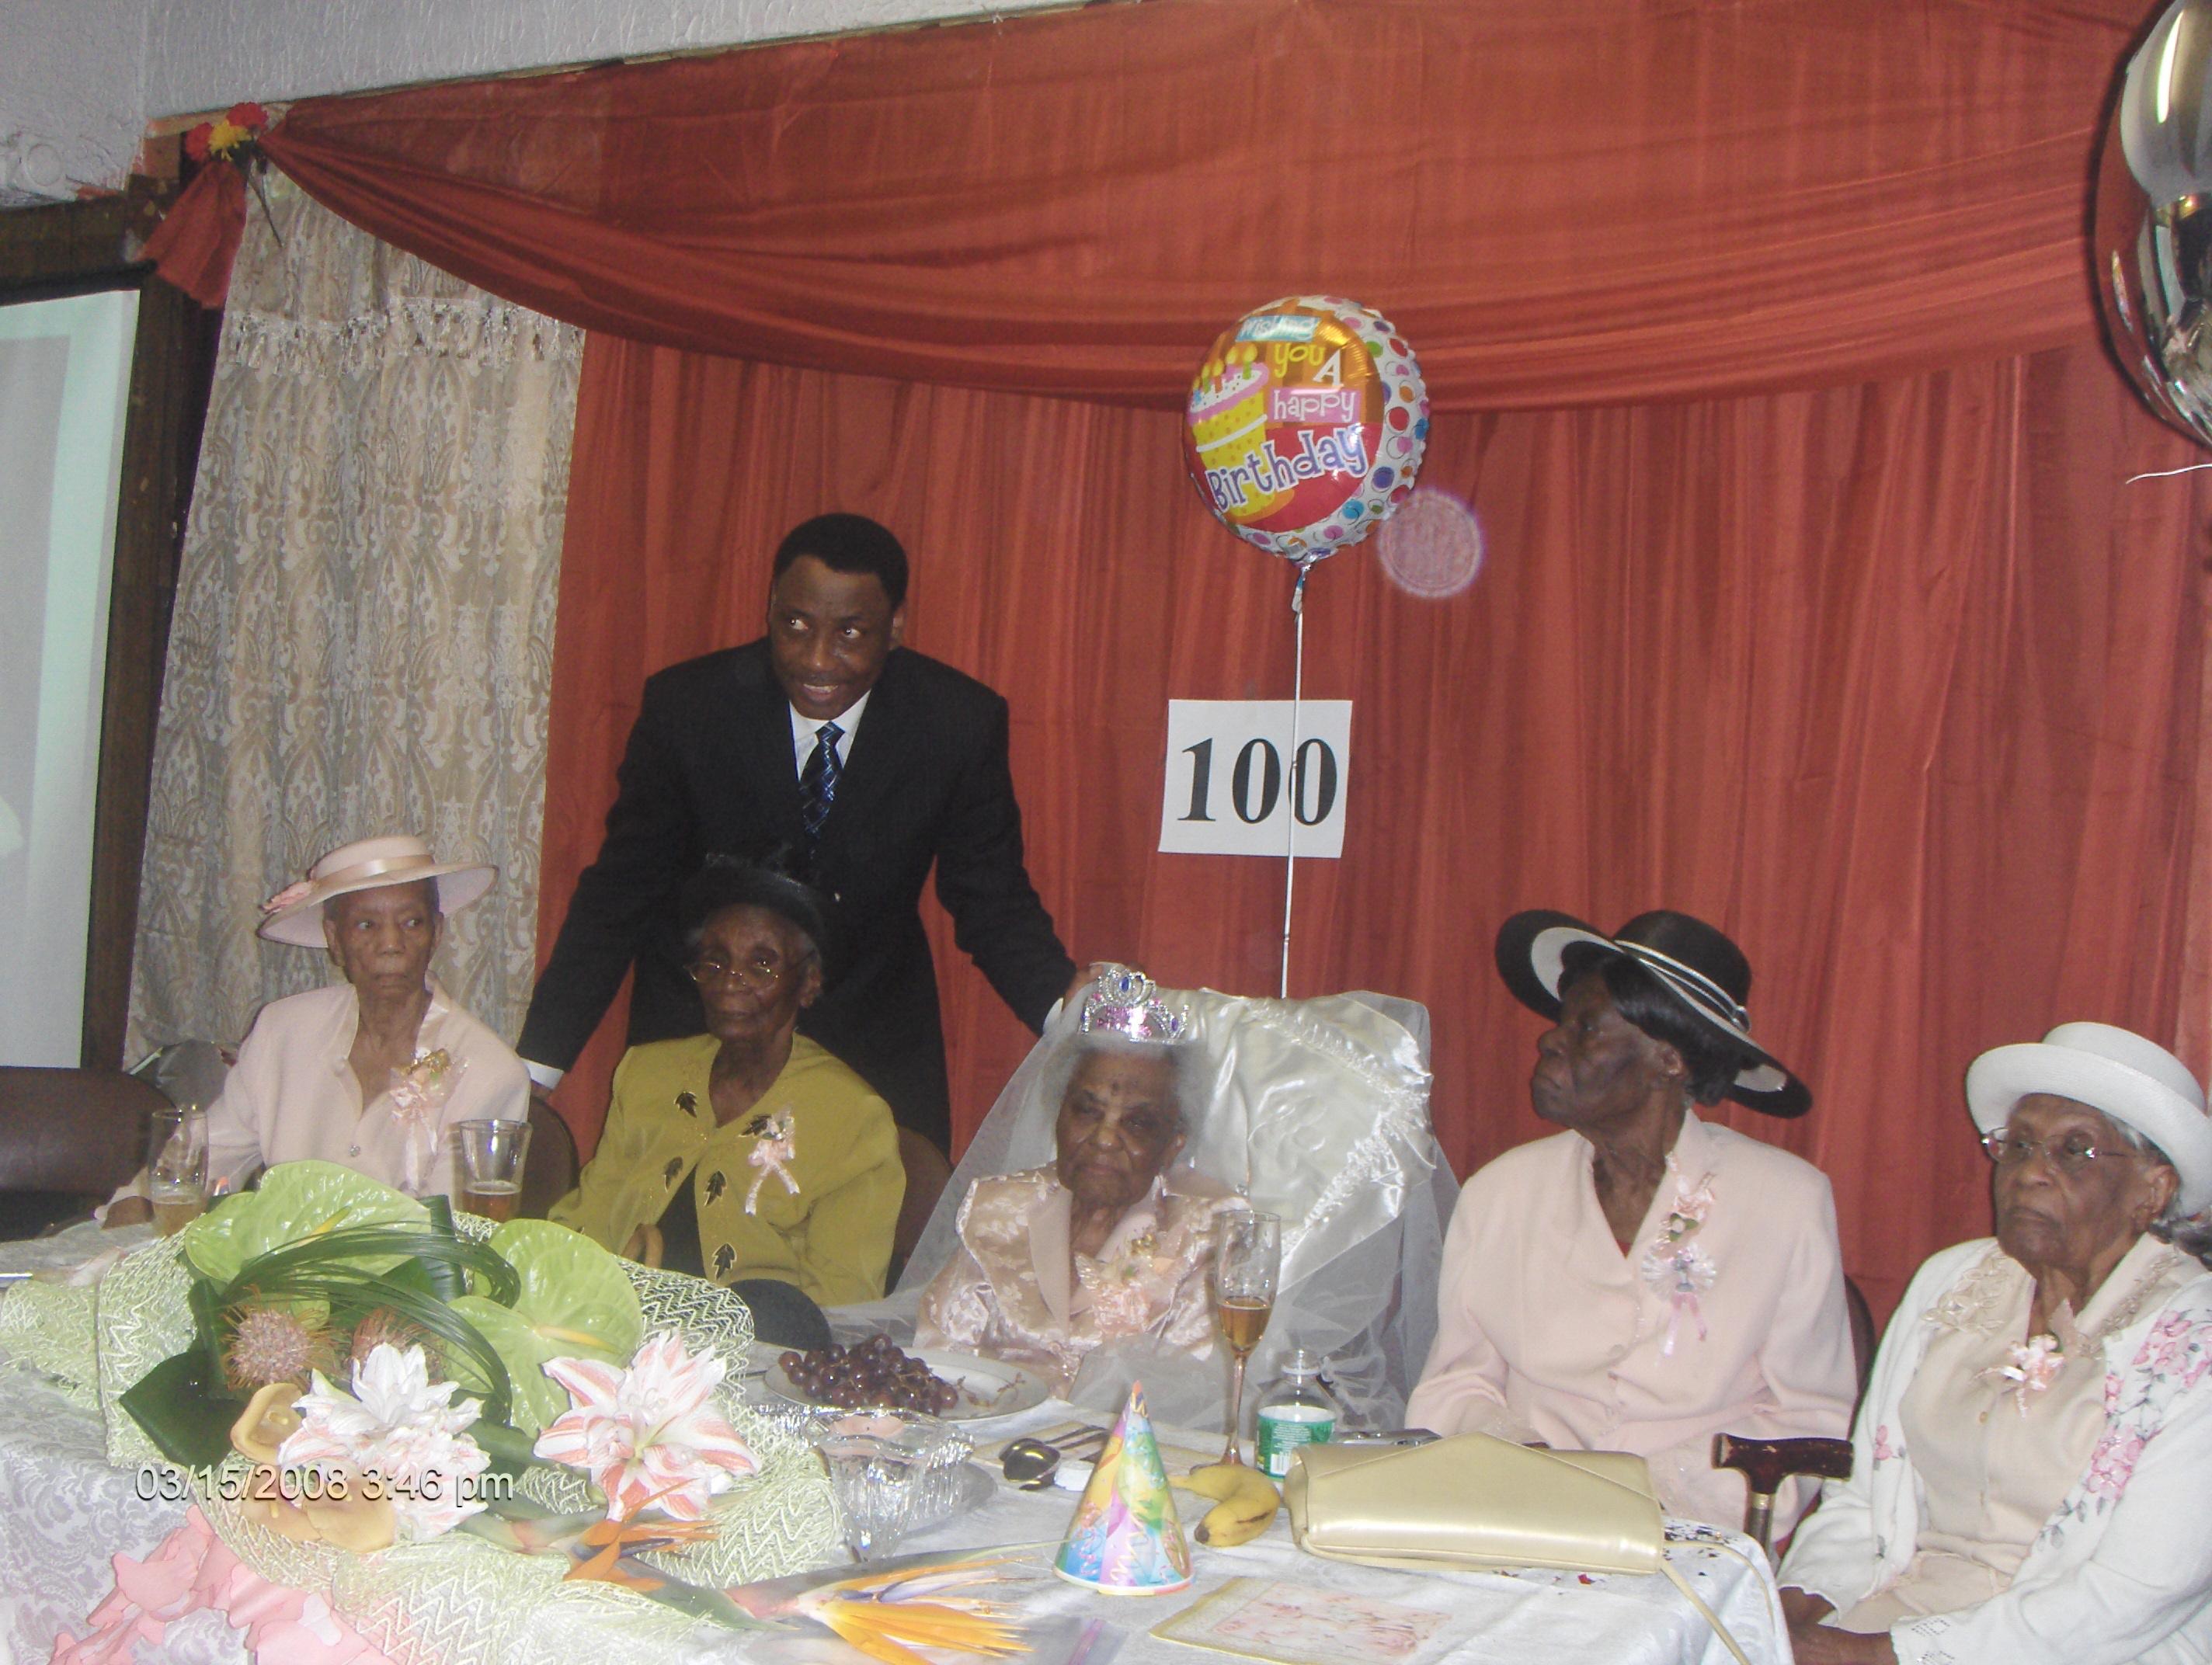 ImageThe Birthday Party